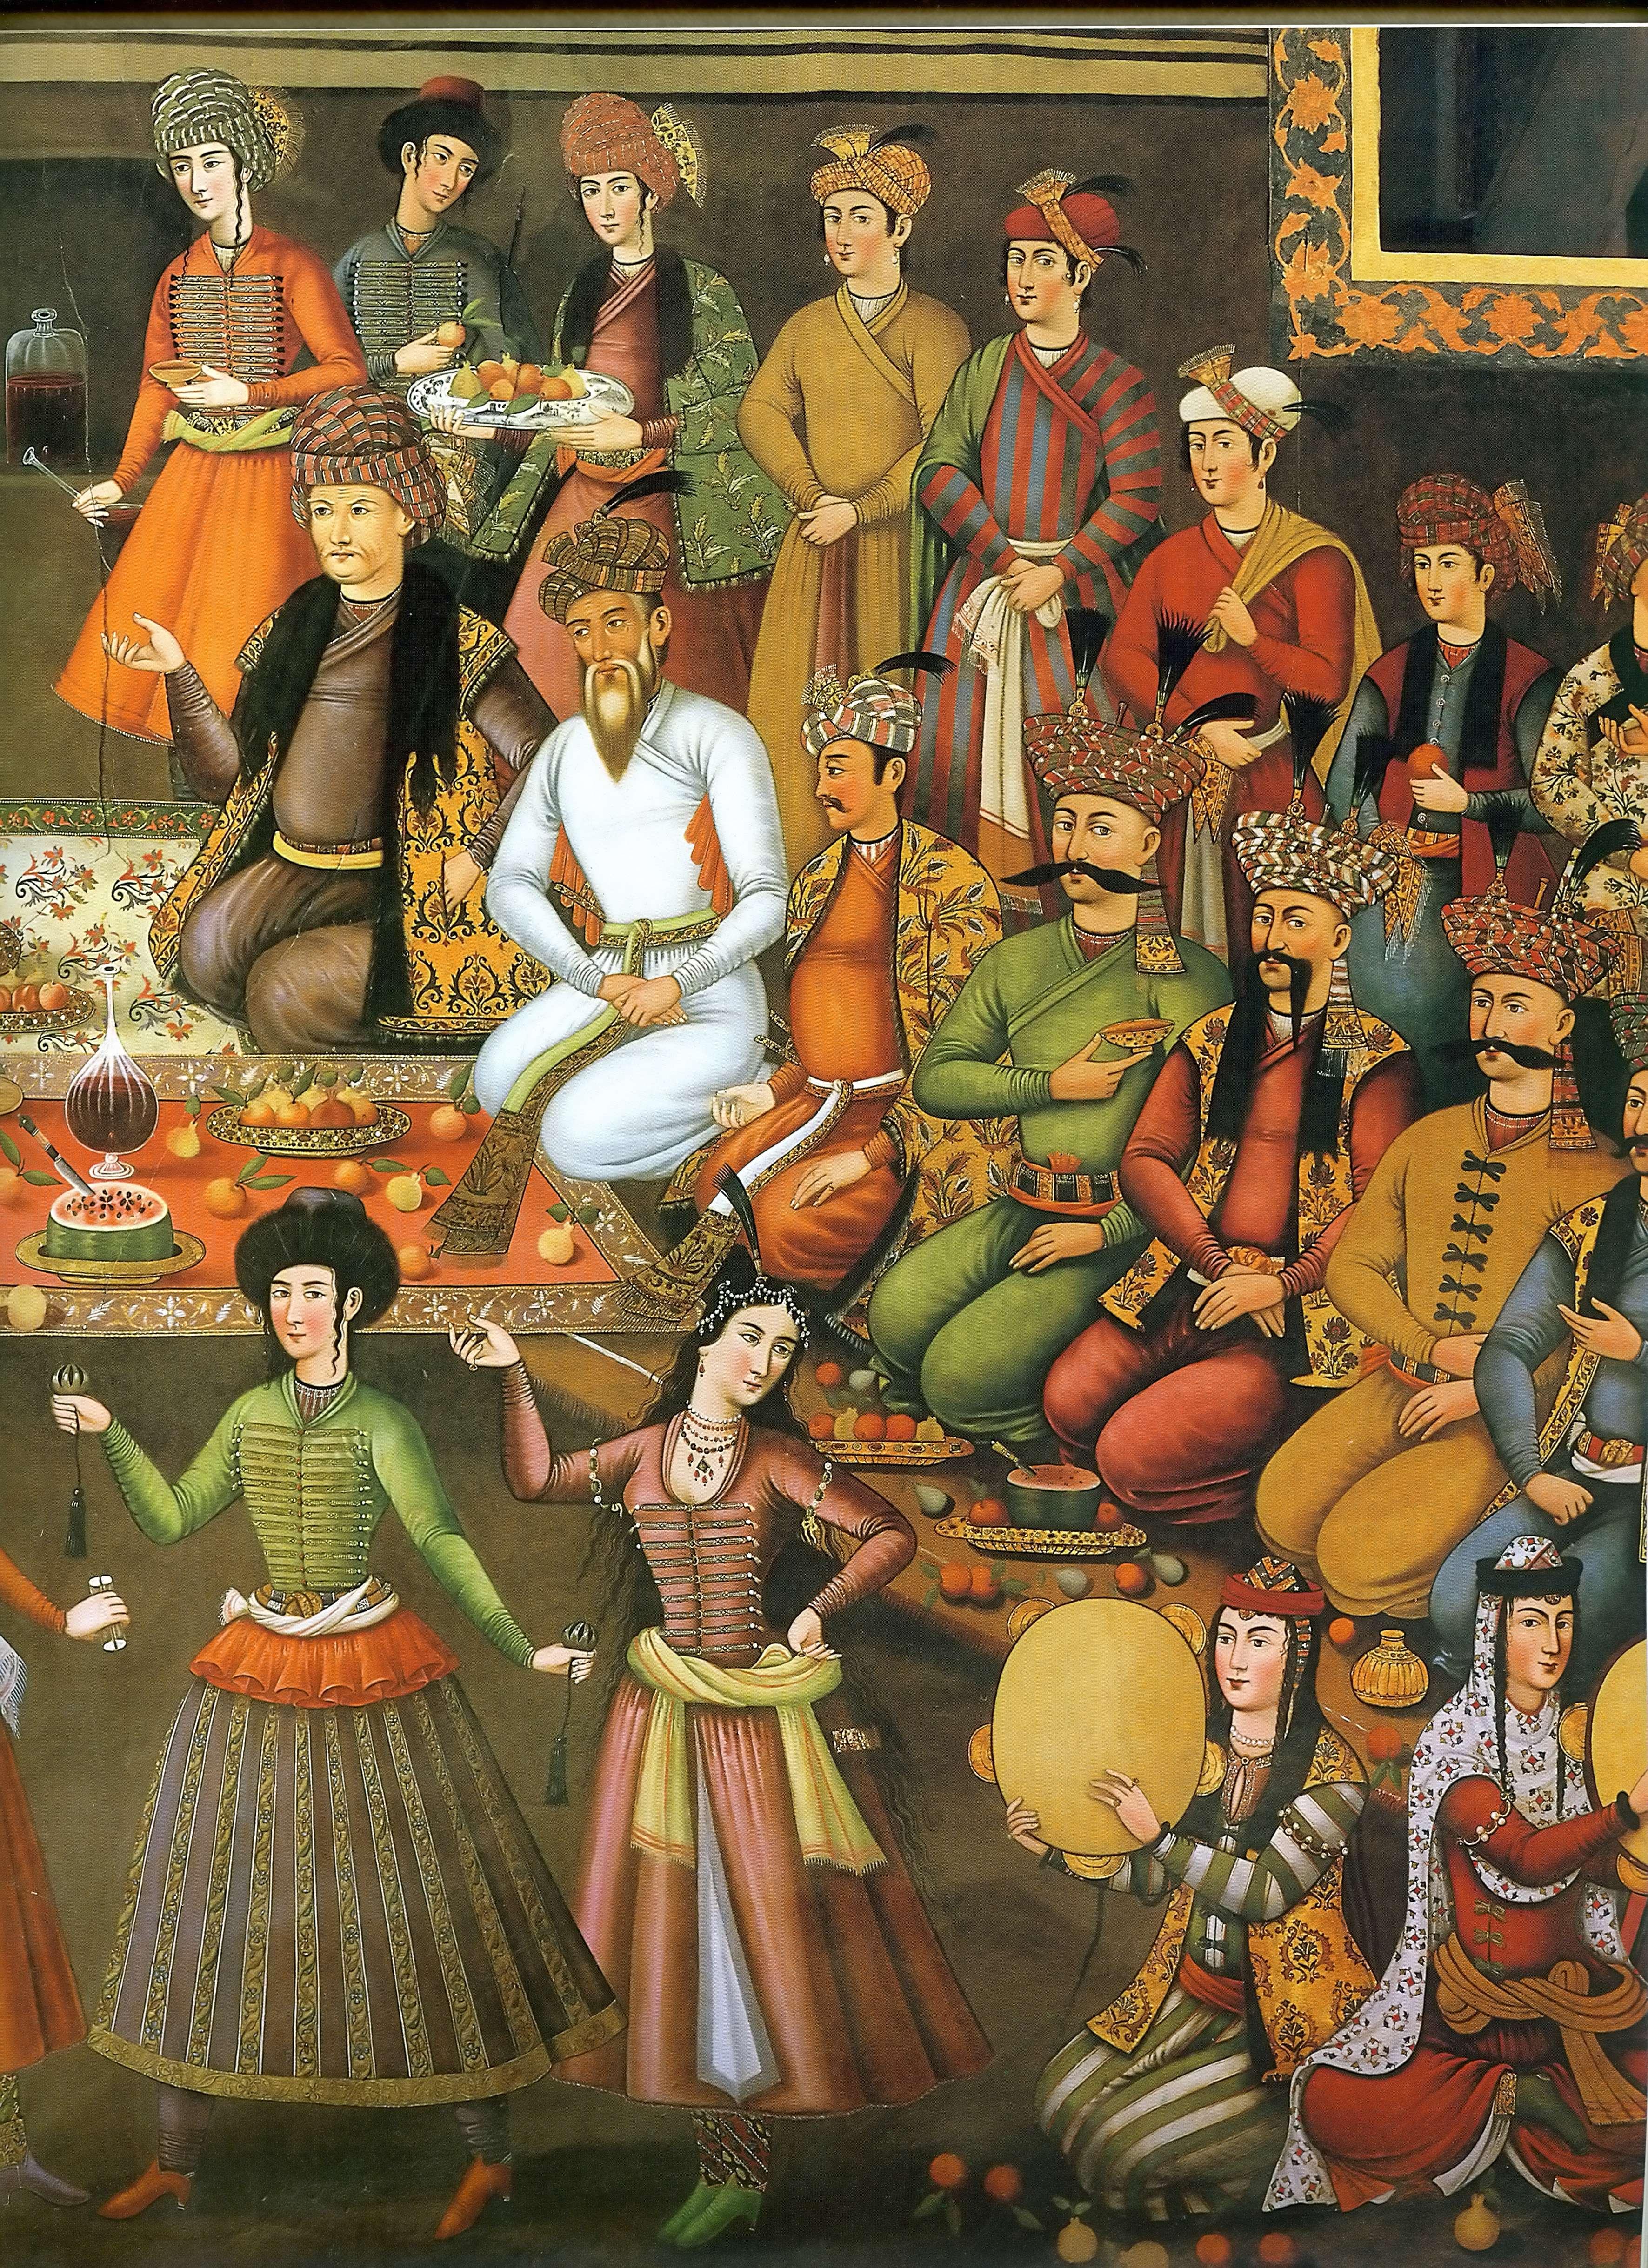 از سبک های قدیمی نقاشی ایرانی گنجینه تصاویر تبيان